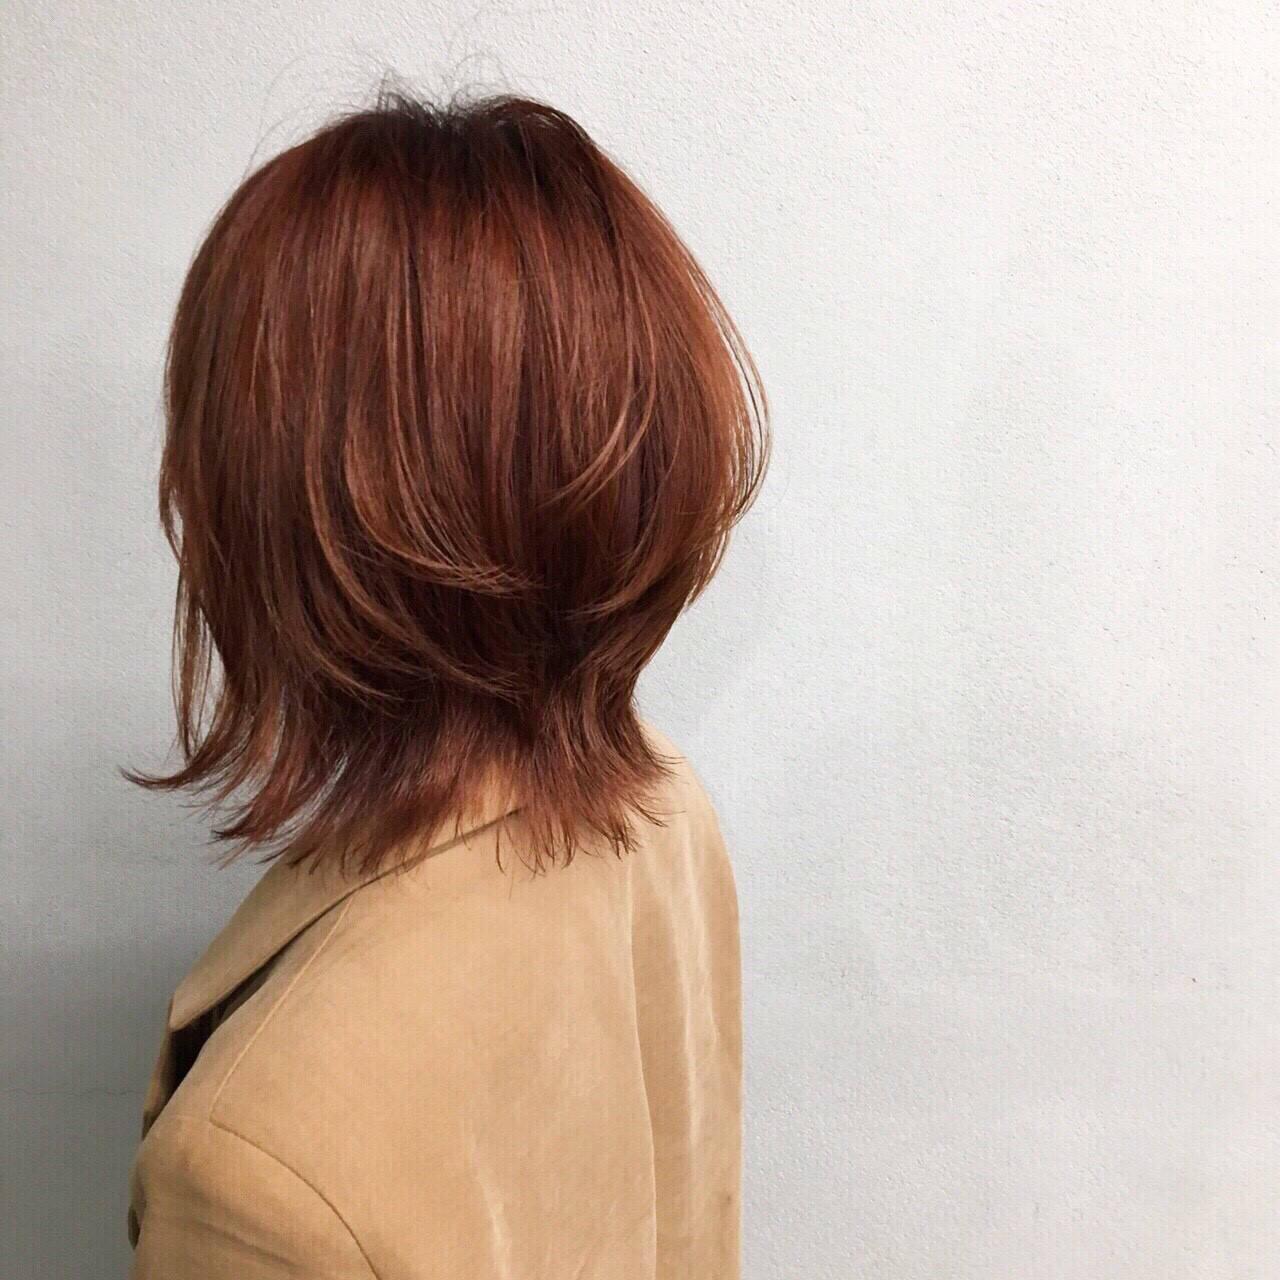 マッシュ ナチュラル オレンジベージュ ウルフカットヘアスタイルや髪型の写真・画像